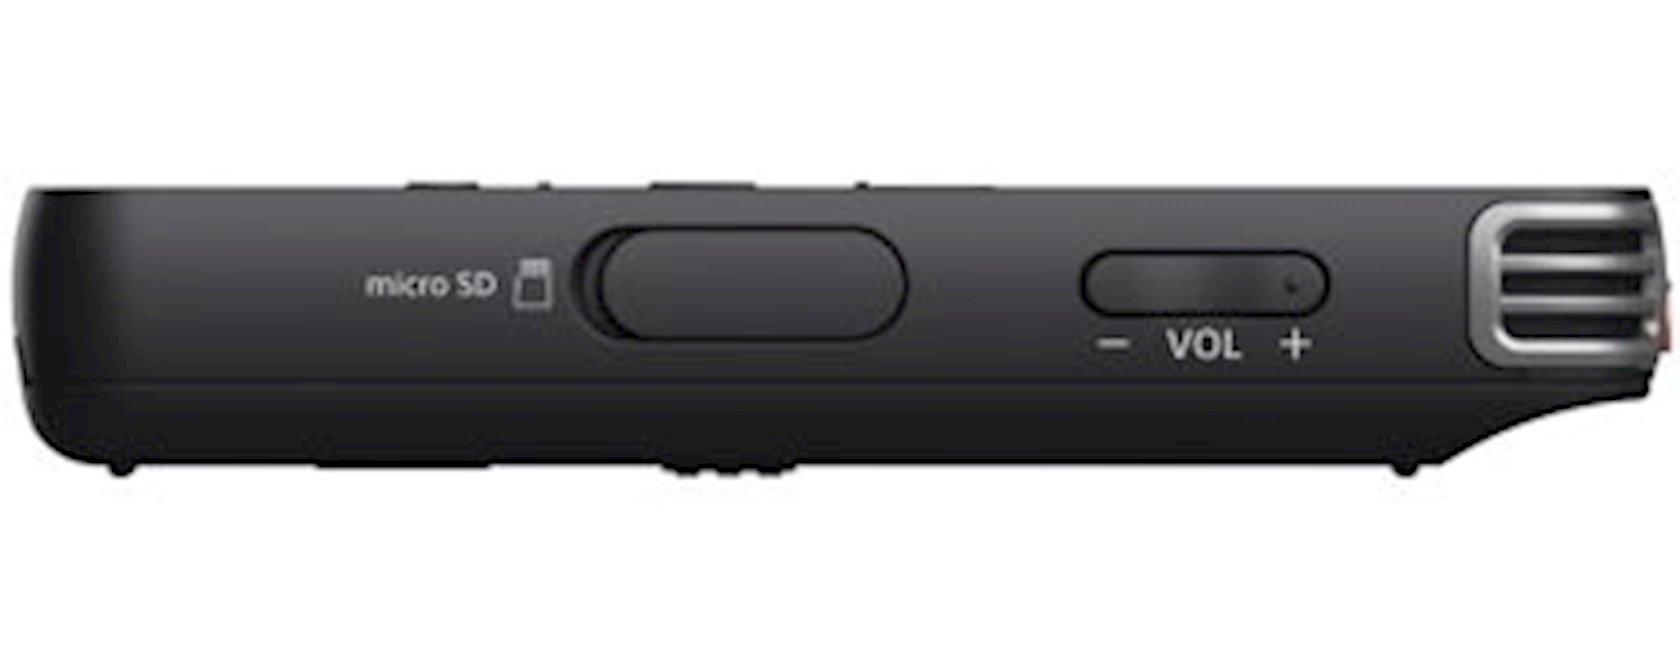 Rəqəmsal diktofon Sony PX470 seriya PX